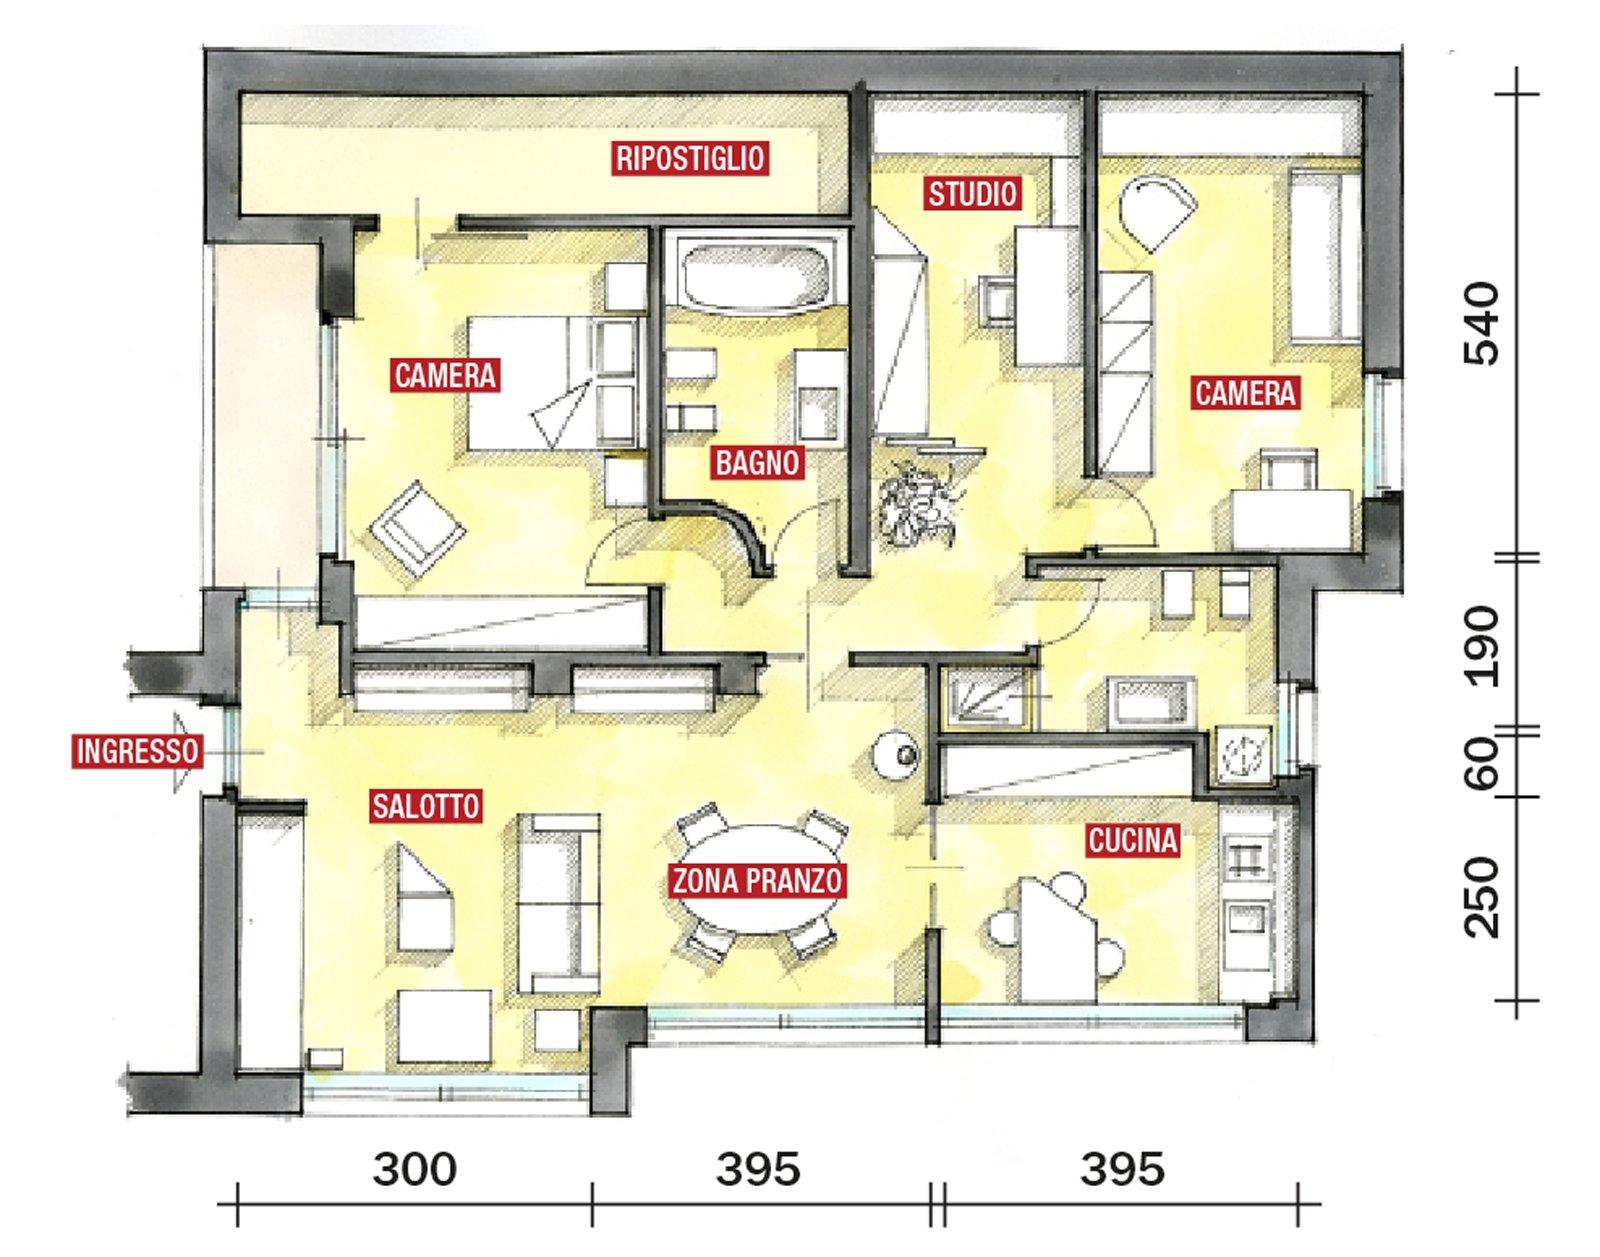 Casa in mansarda con le soluzioni giuste per gli spazi for 3 camere da letto 3 piani del bagno